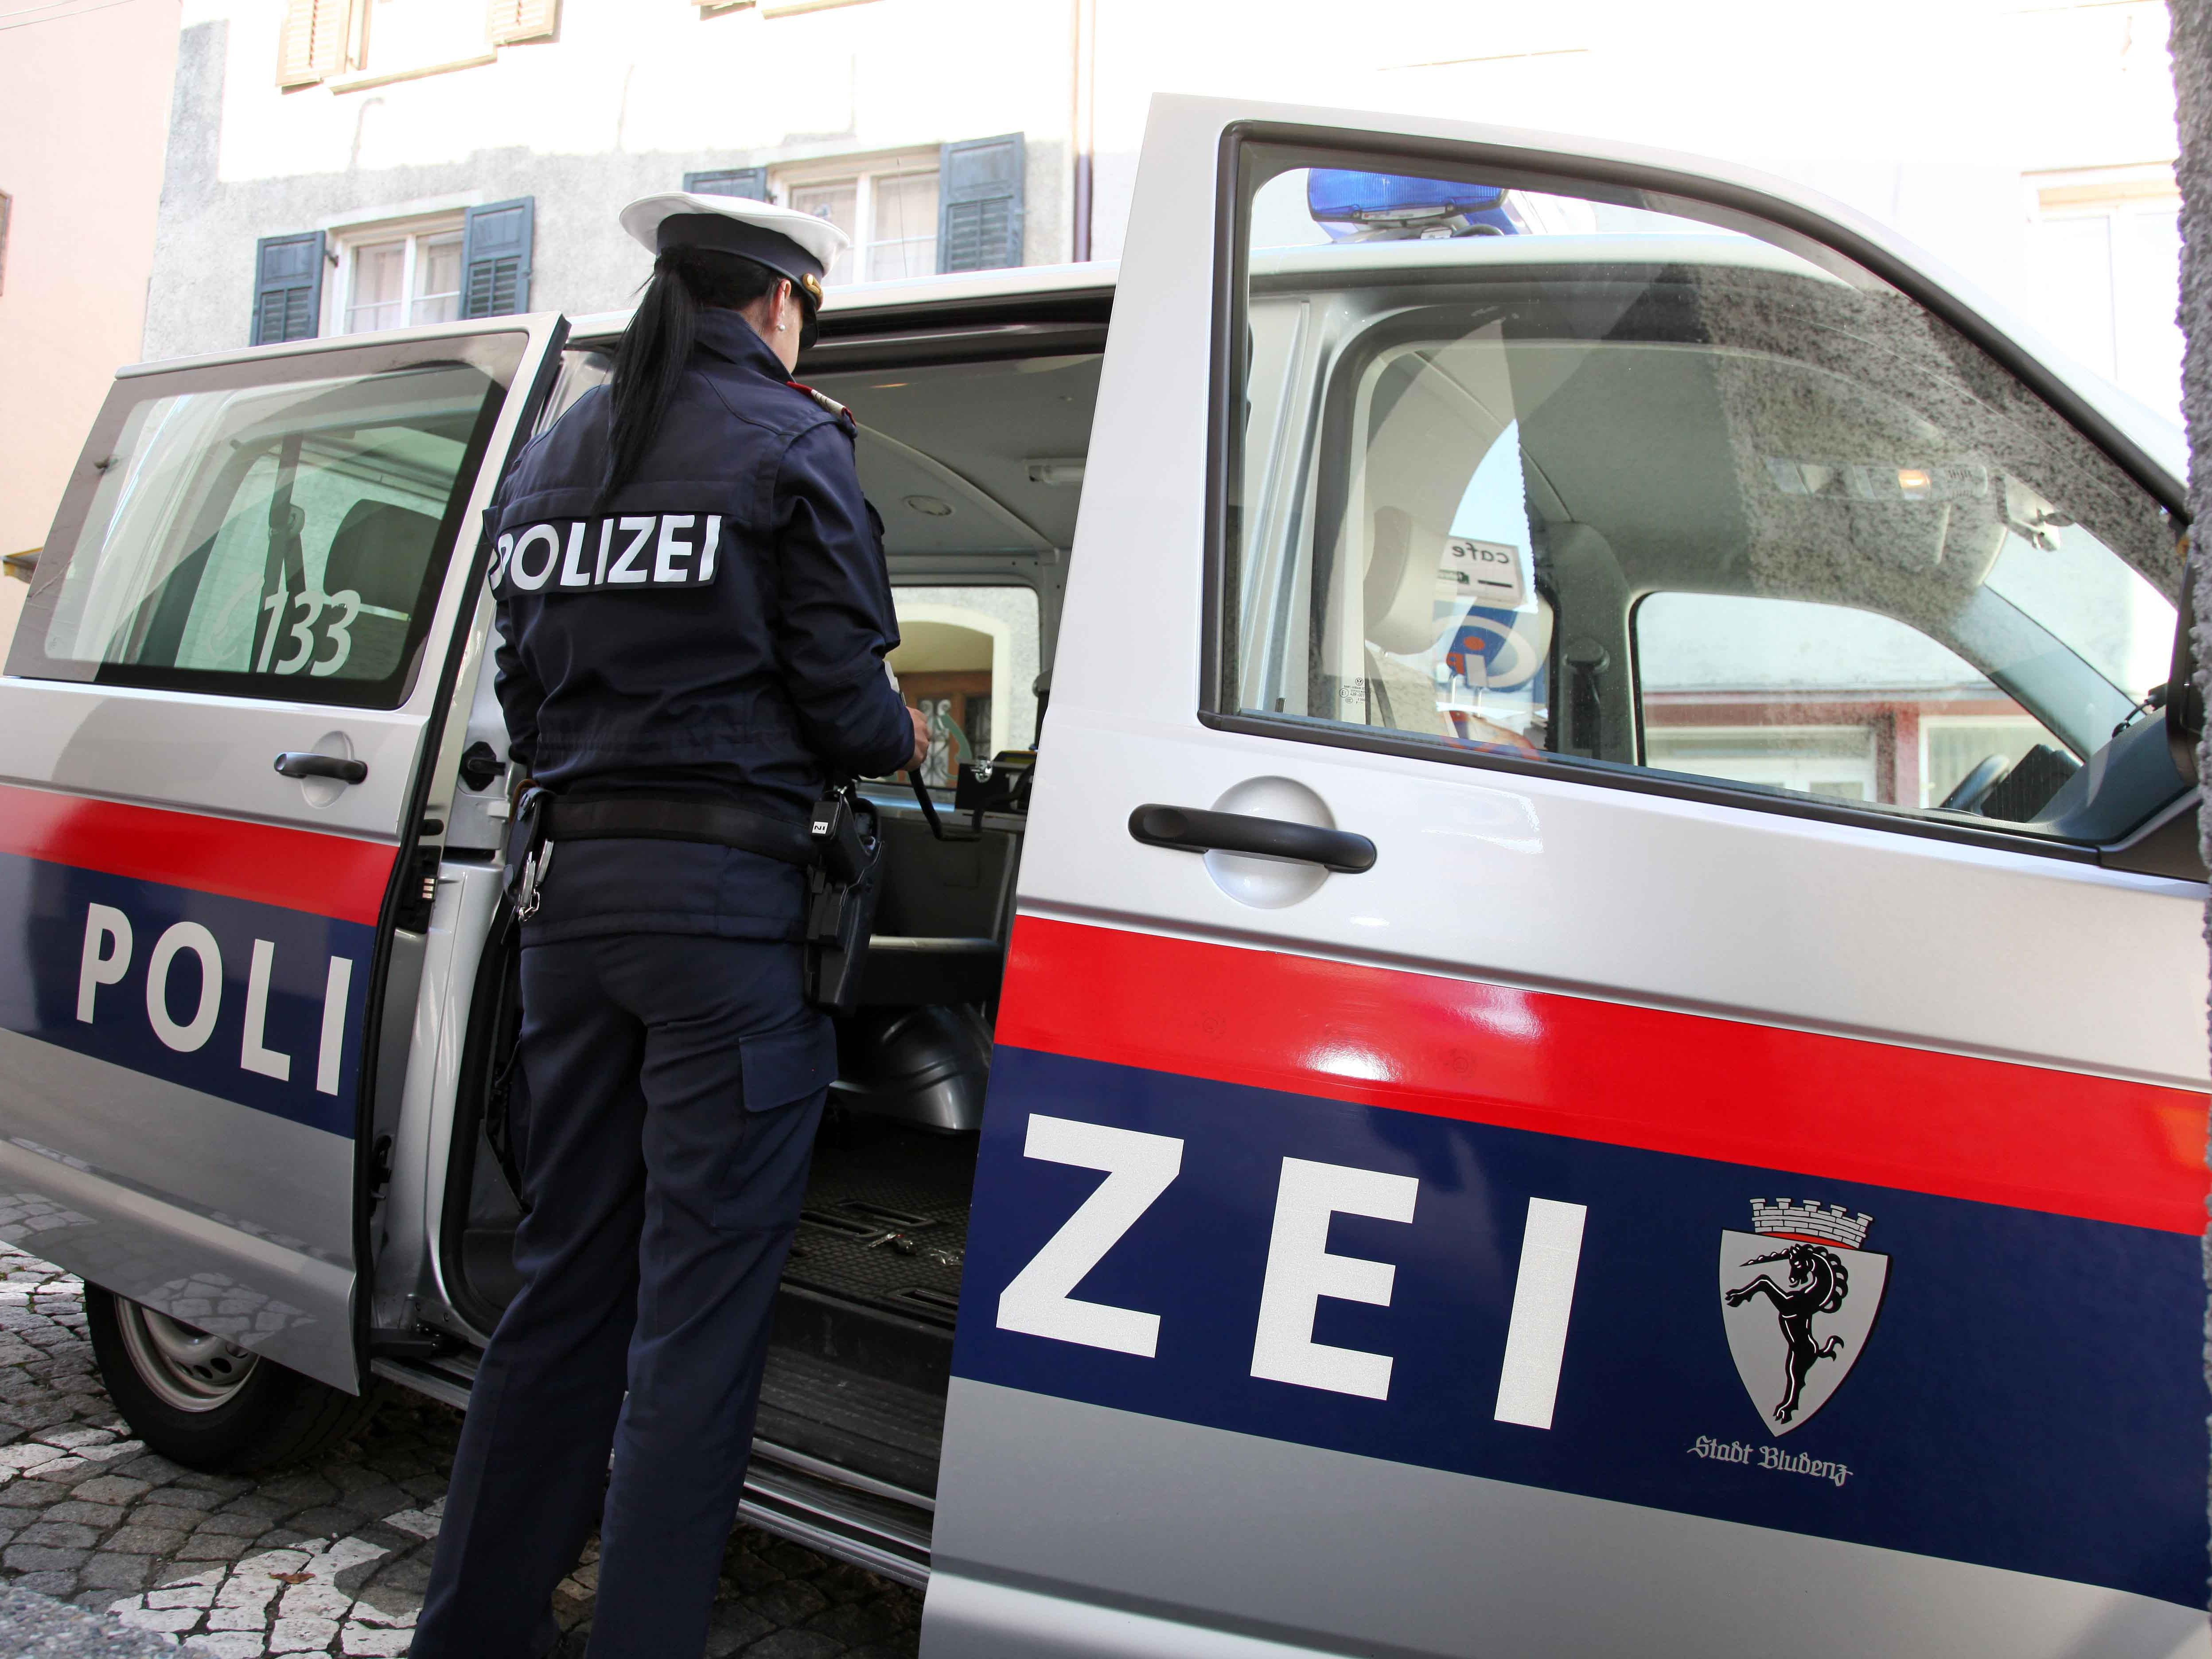 Die Bludenzer Stadtpolizei kann vielleicht schon bald von anderen Gemeinden gemietet werden.